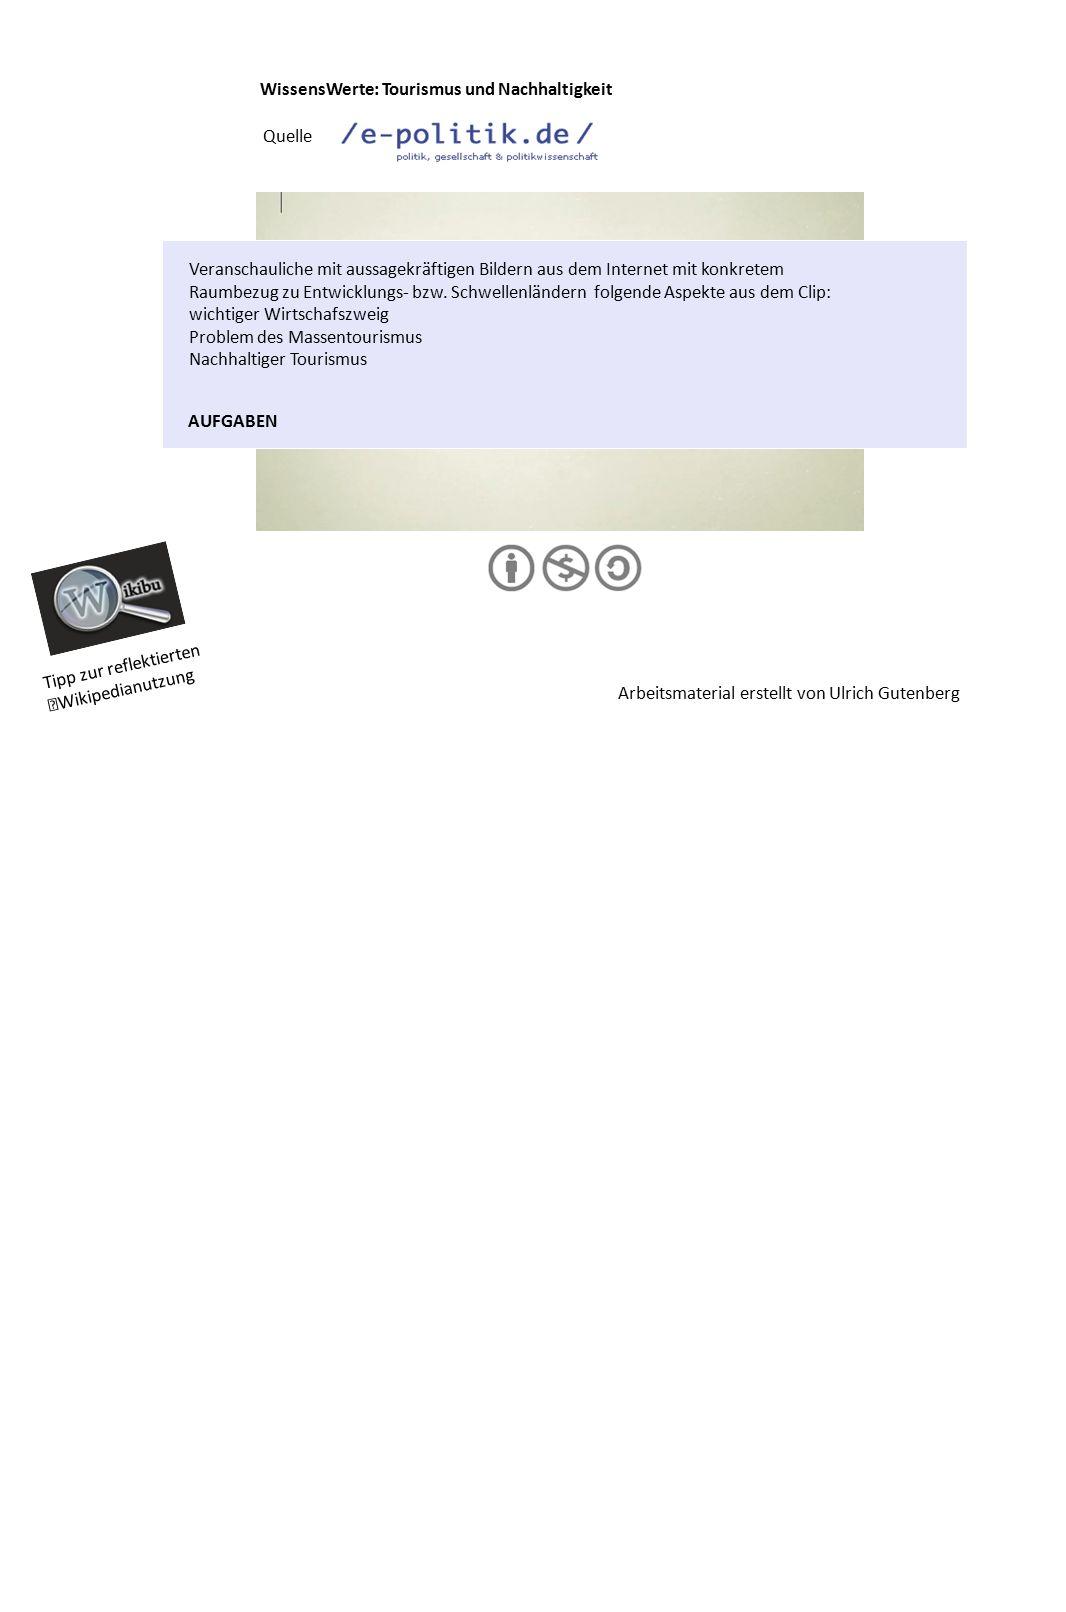 WissensWerte: Tourismus und Nachhaltigkeit Quelle Tipp zur reflektierten Wikipedianutzung AUFGABEN Veranschauliche mit aussagekräftigen Bildern aus de